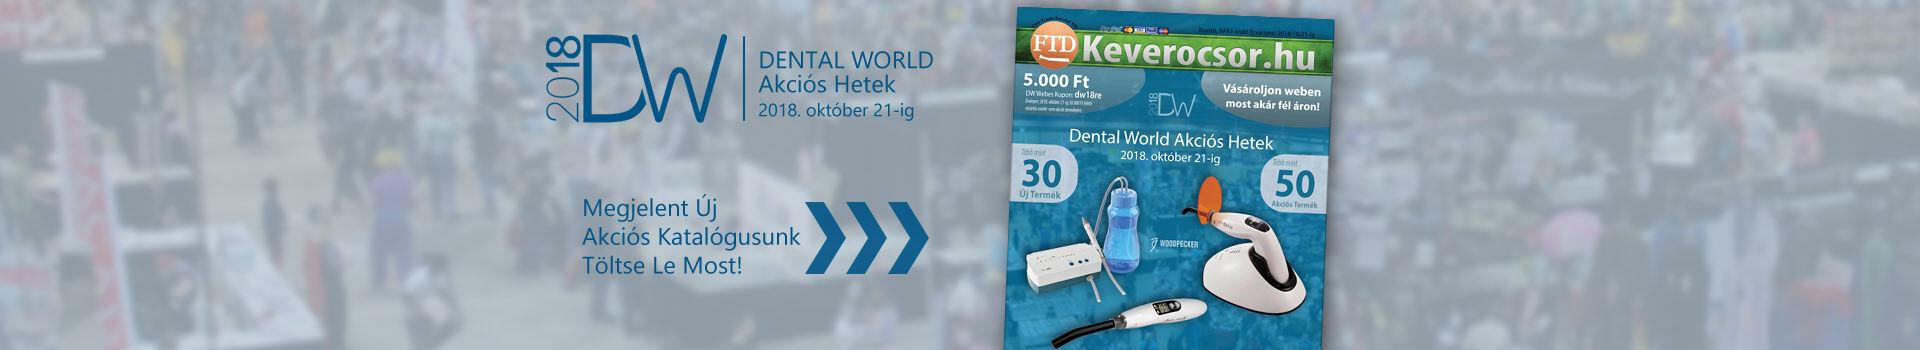 Dental World Akciós Hetek